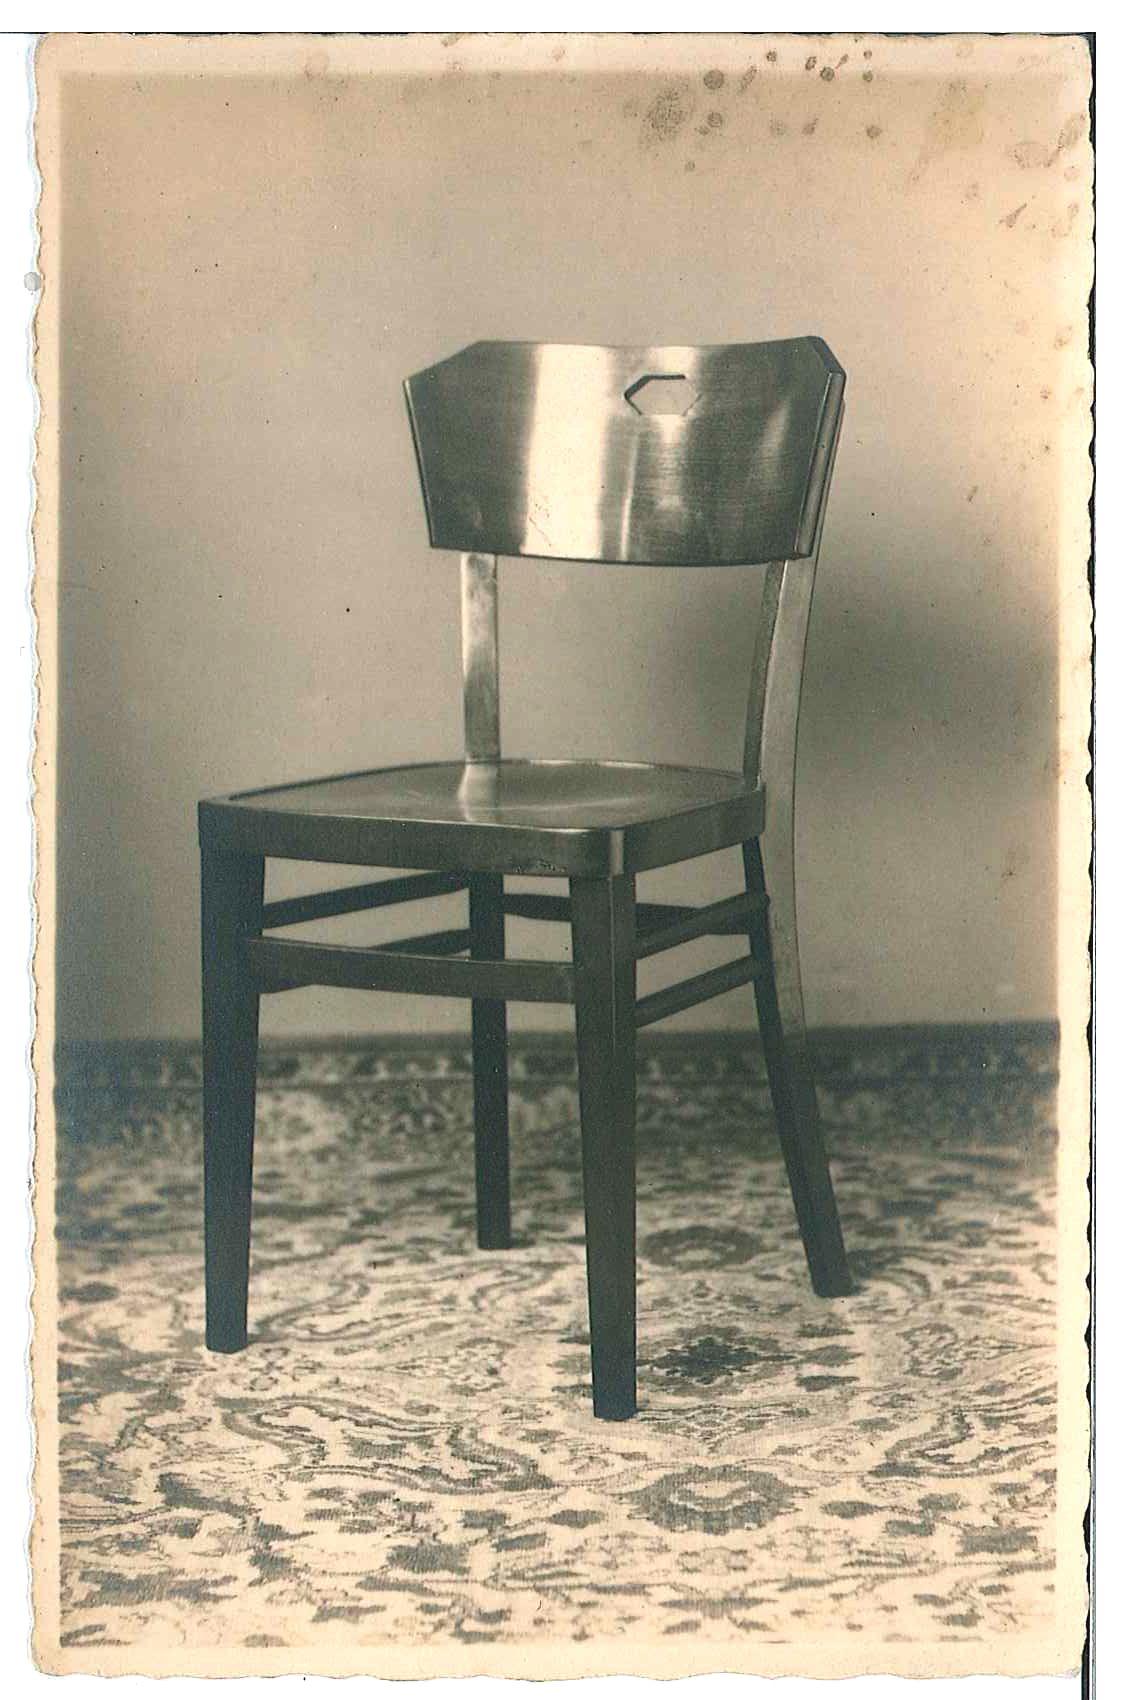 Wunderbar Schnieder Stuhlfabrik Dekoration Von Oldies Bild 3, Gmbh Triestr. 15 59348